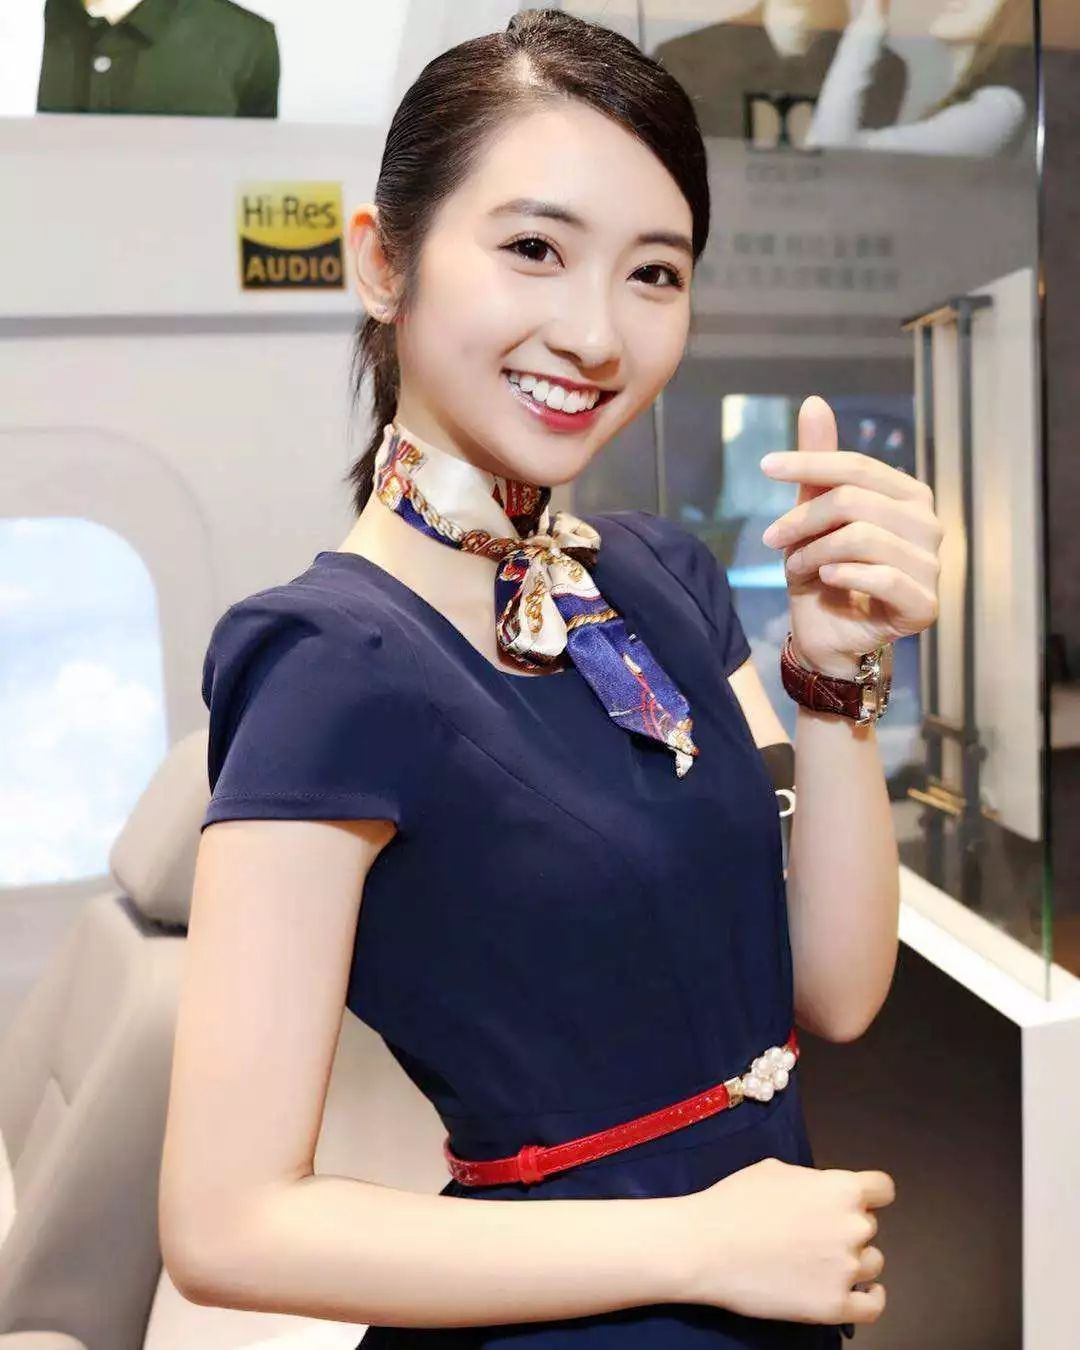 100张世界级空姐照 太惊艳了,大饱眼福图片